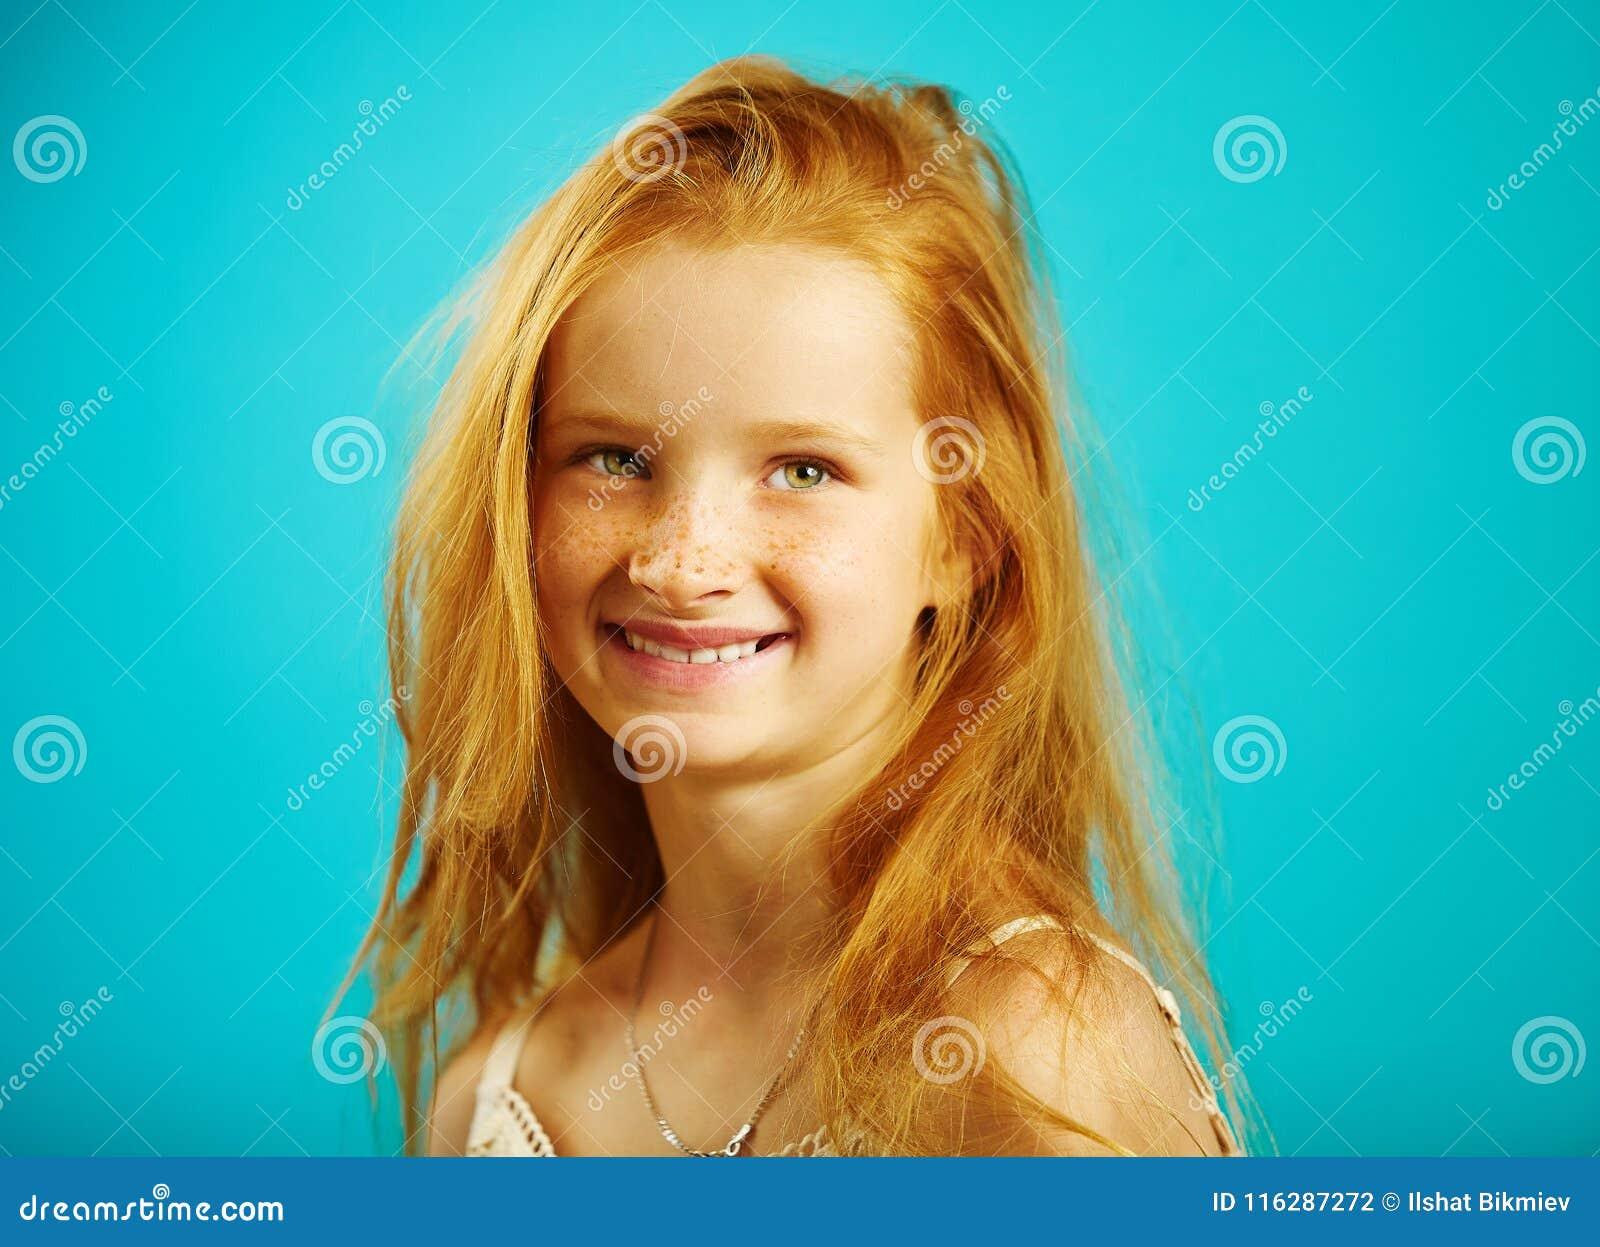 Il ritratto della bambina sette anni con capelli rossi ardenti, lentiggini sveglie, sorridenti francamente, esprime la fiducia e